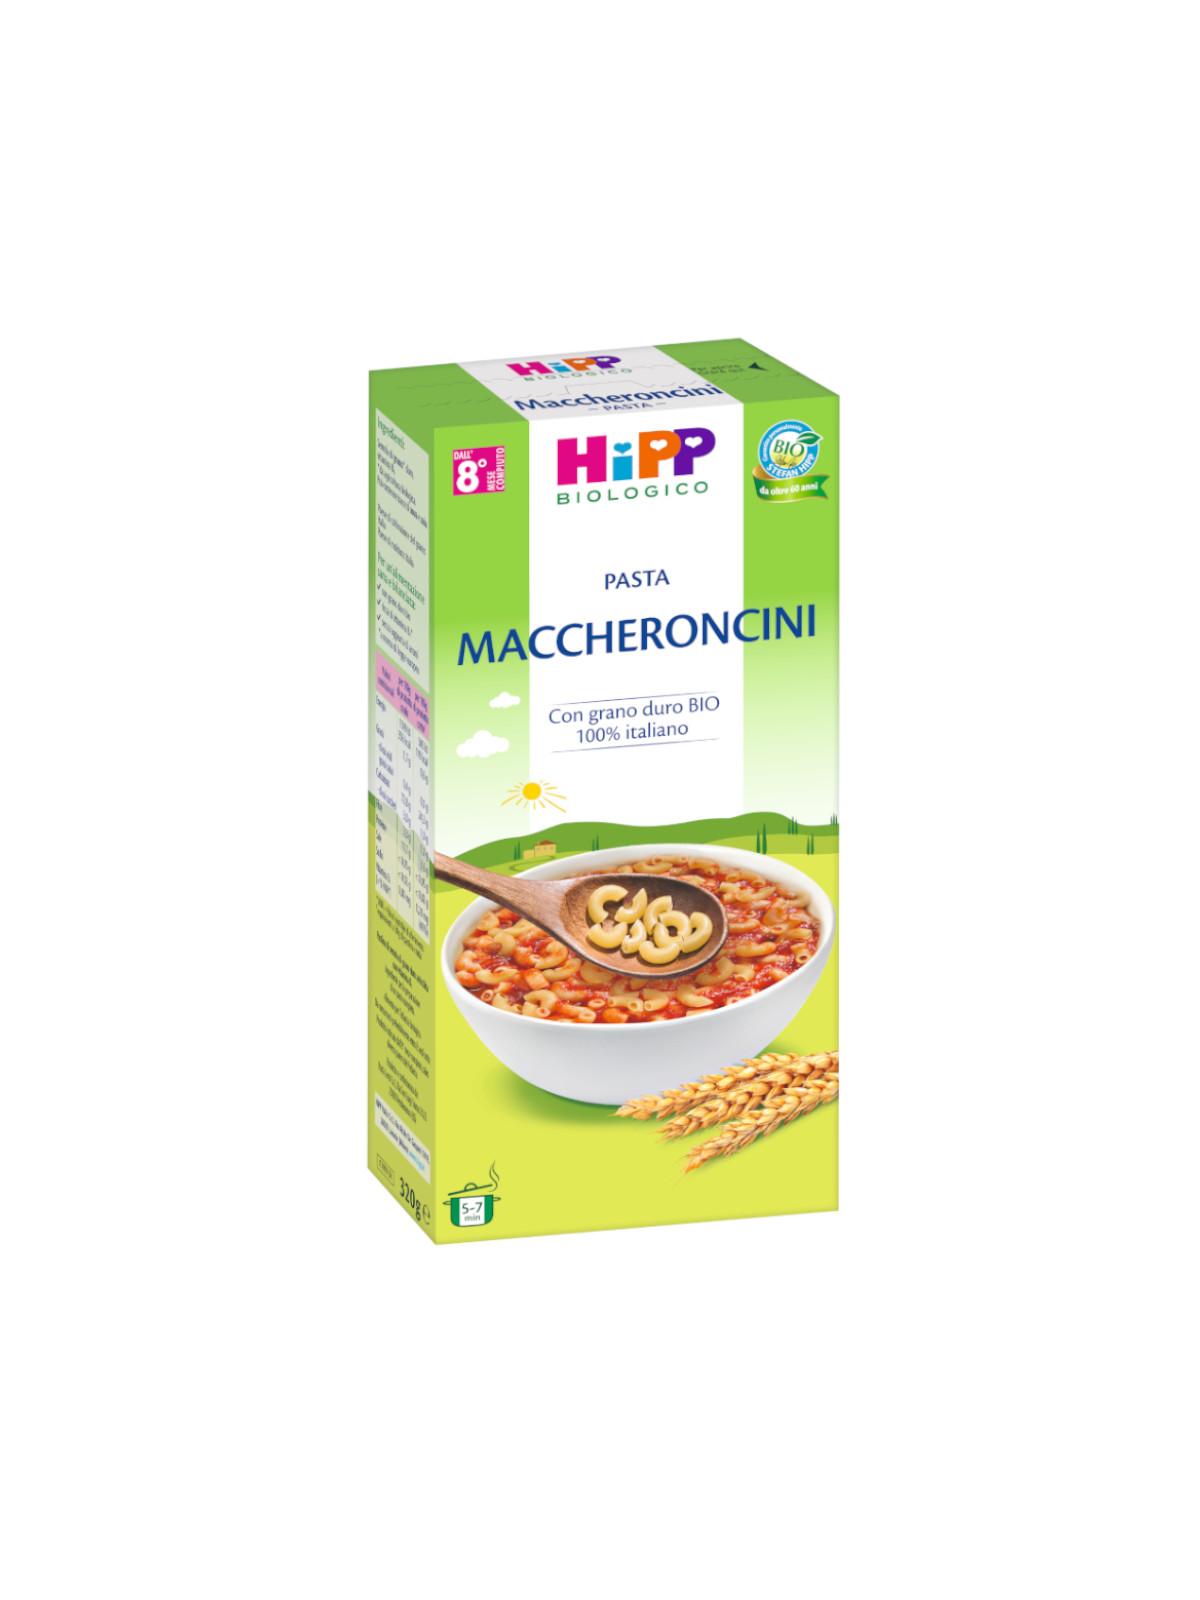 Pastina maccheroncini 320g - Hipp